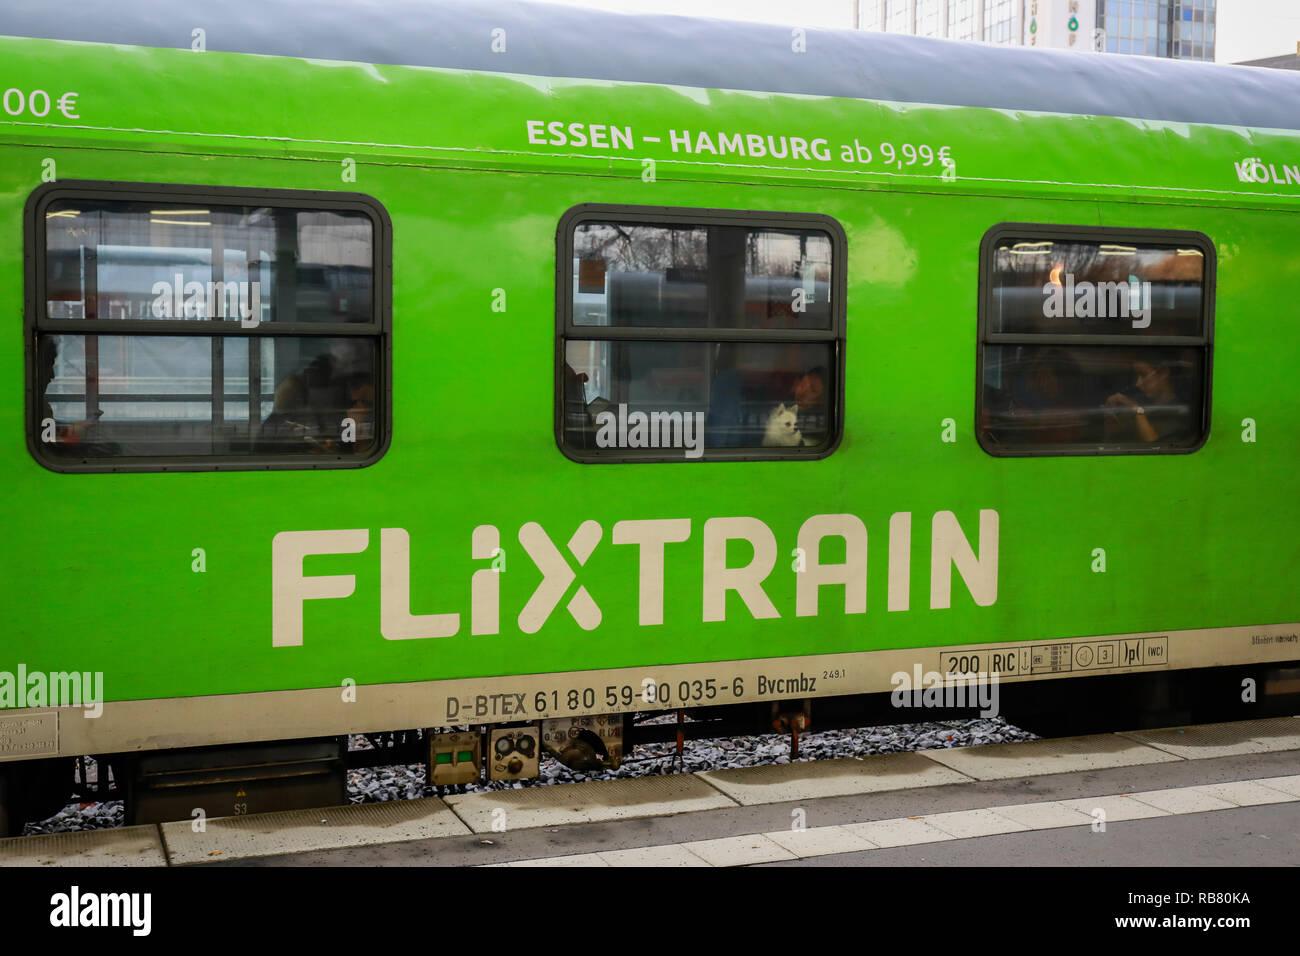 Essen, North Rhine-Westphalia, Ruhr area, Germany - Flixtrain train at Essen central station. Essen, Nordrhein-Westfalen, Ruhrgebiet, Deutschland - Fl - Stock Image